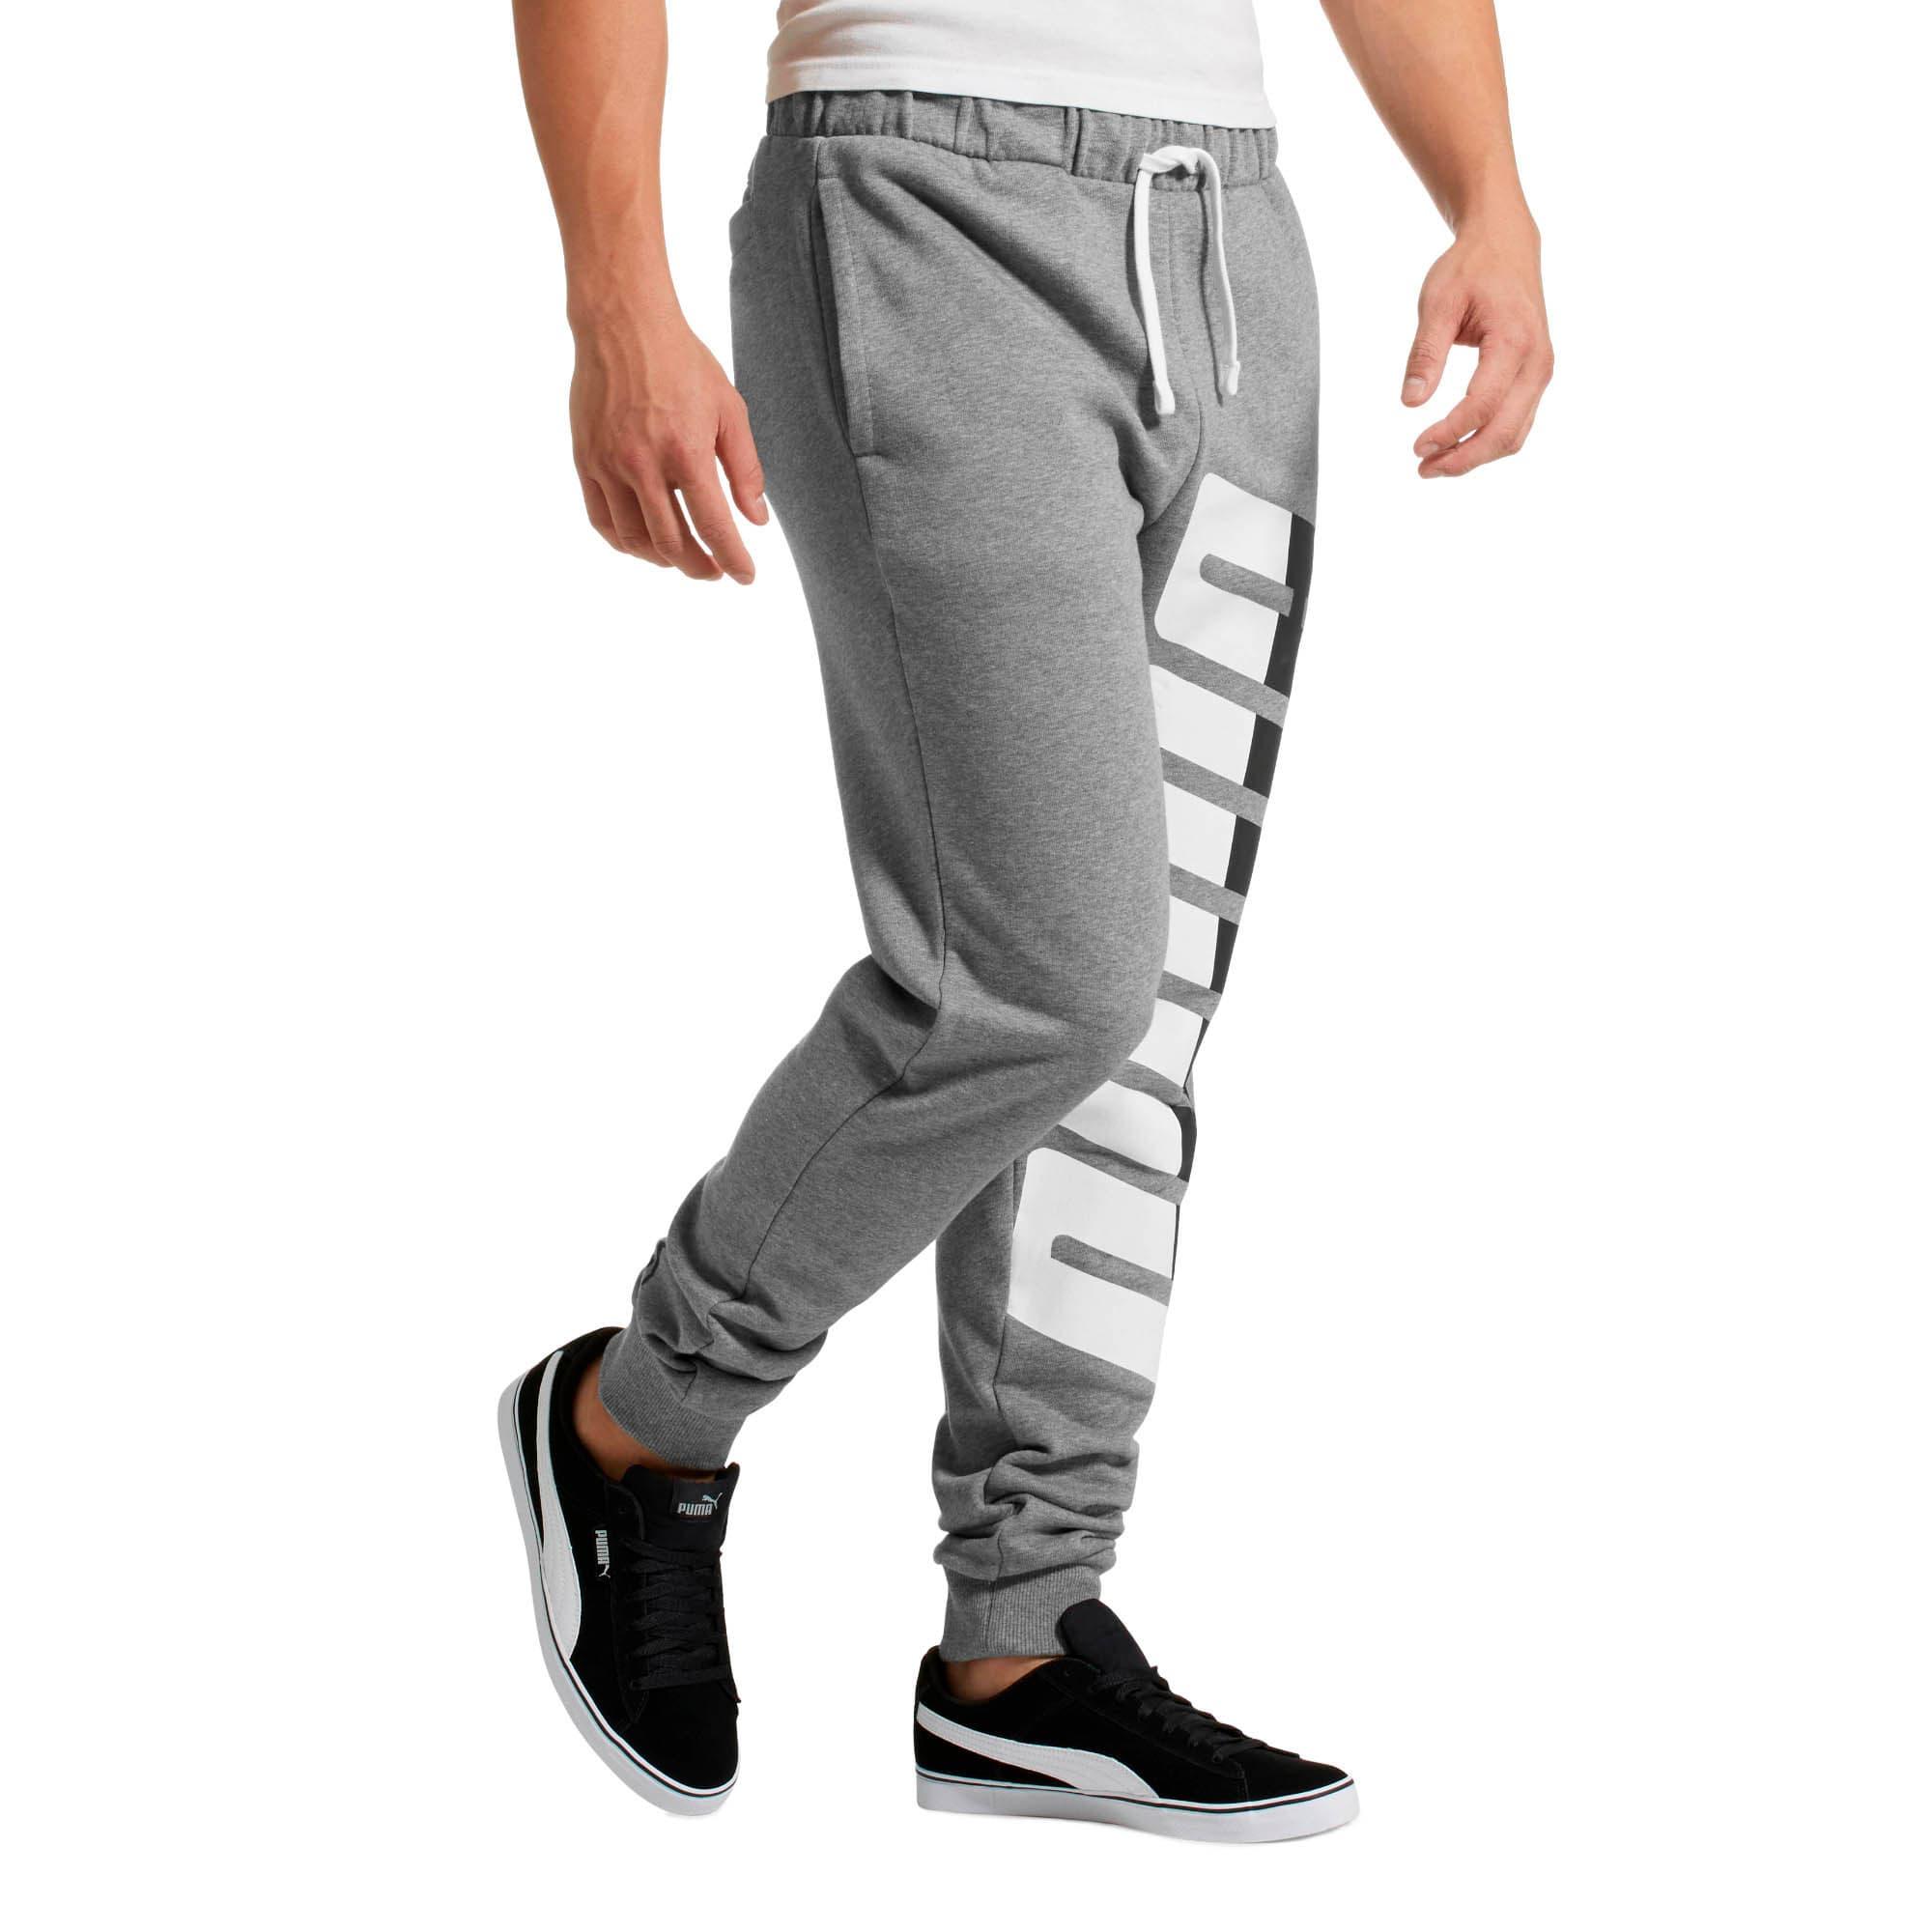 Thumbnail 2 of Men's Loud Pants, Medium Gray Heather, medium